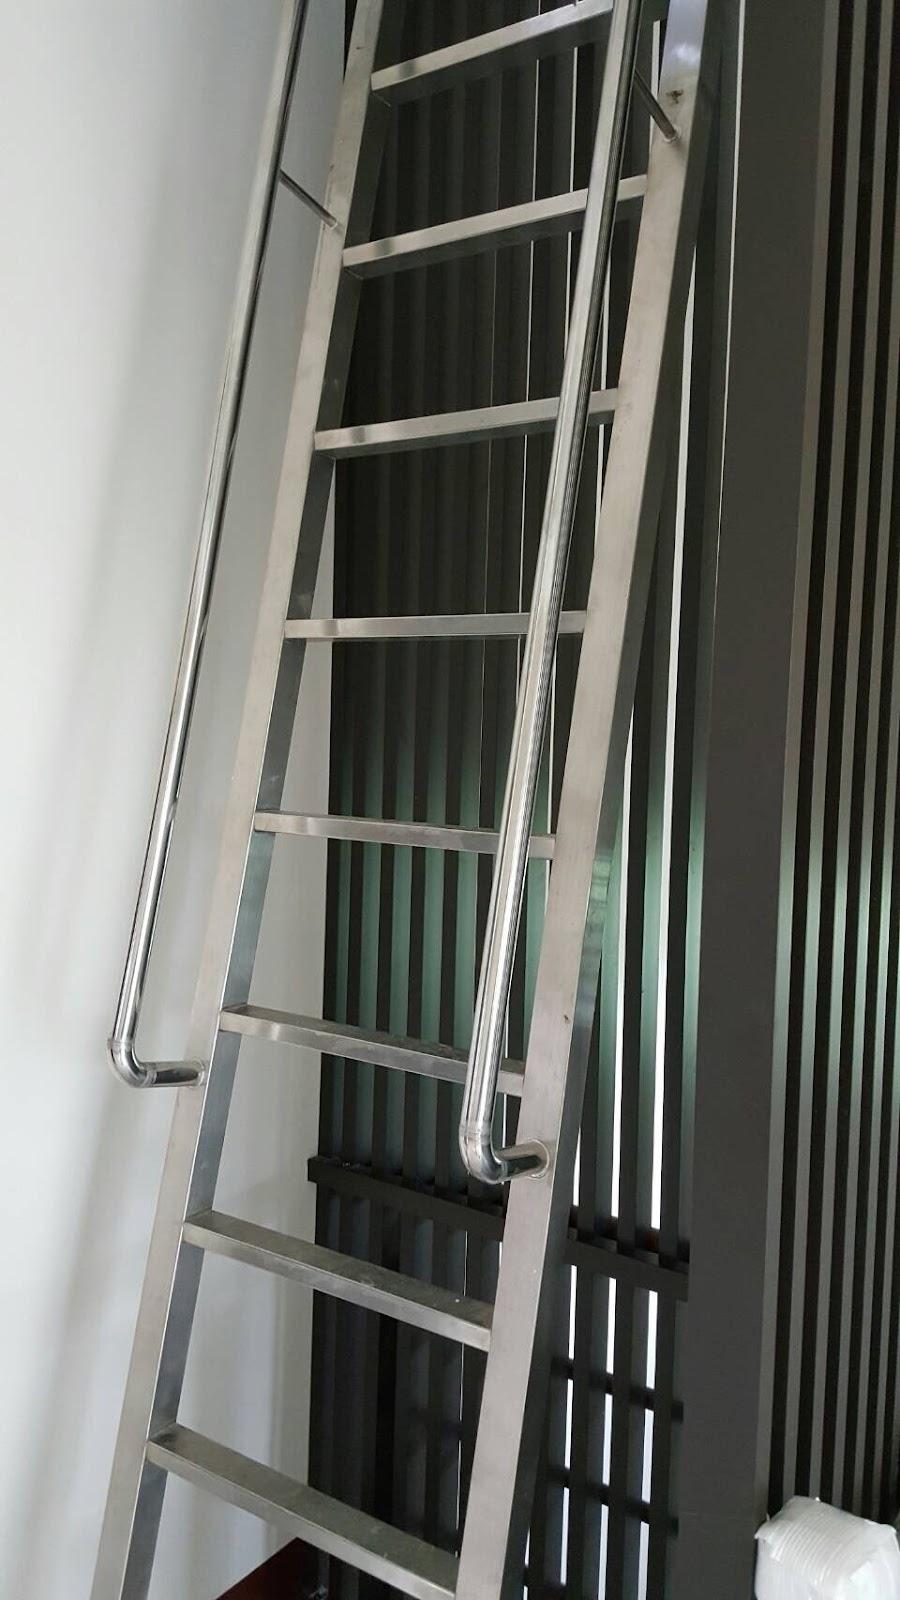 國筌工業社: 白鐵手扶樓梯,白鐵爬梯,戶外梯,水塔的階梯